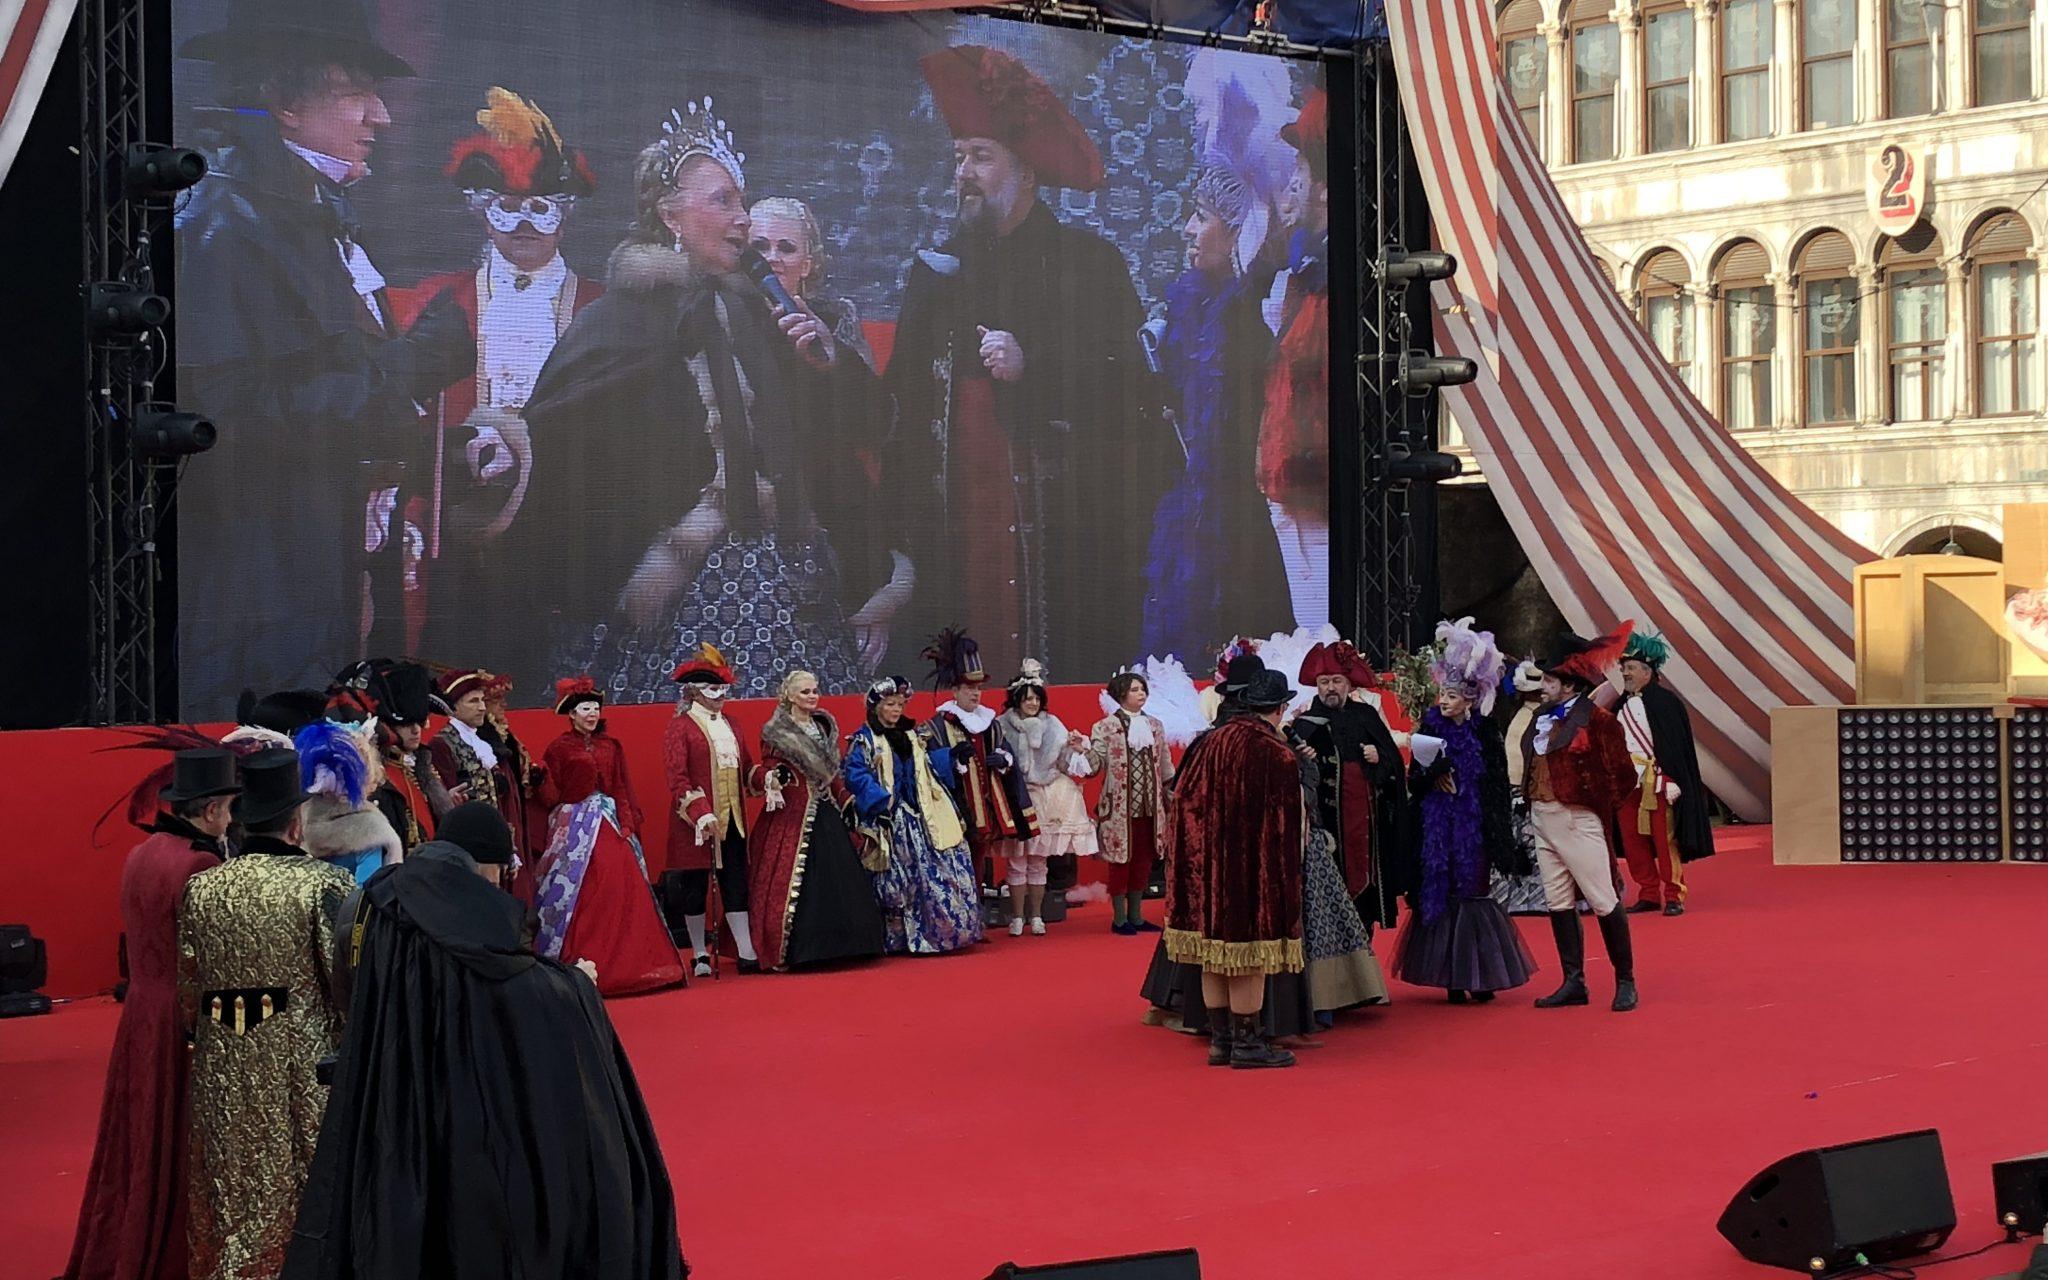 Home Carnevale di Venezia 2018 Creatum Civitas Ludens sito